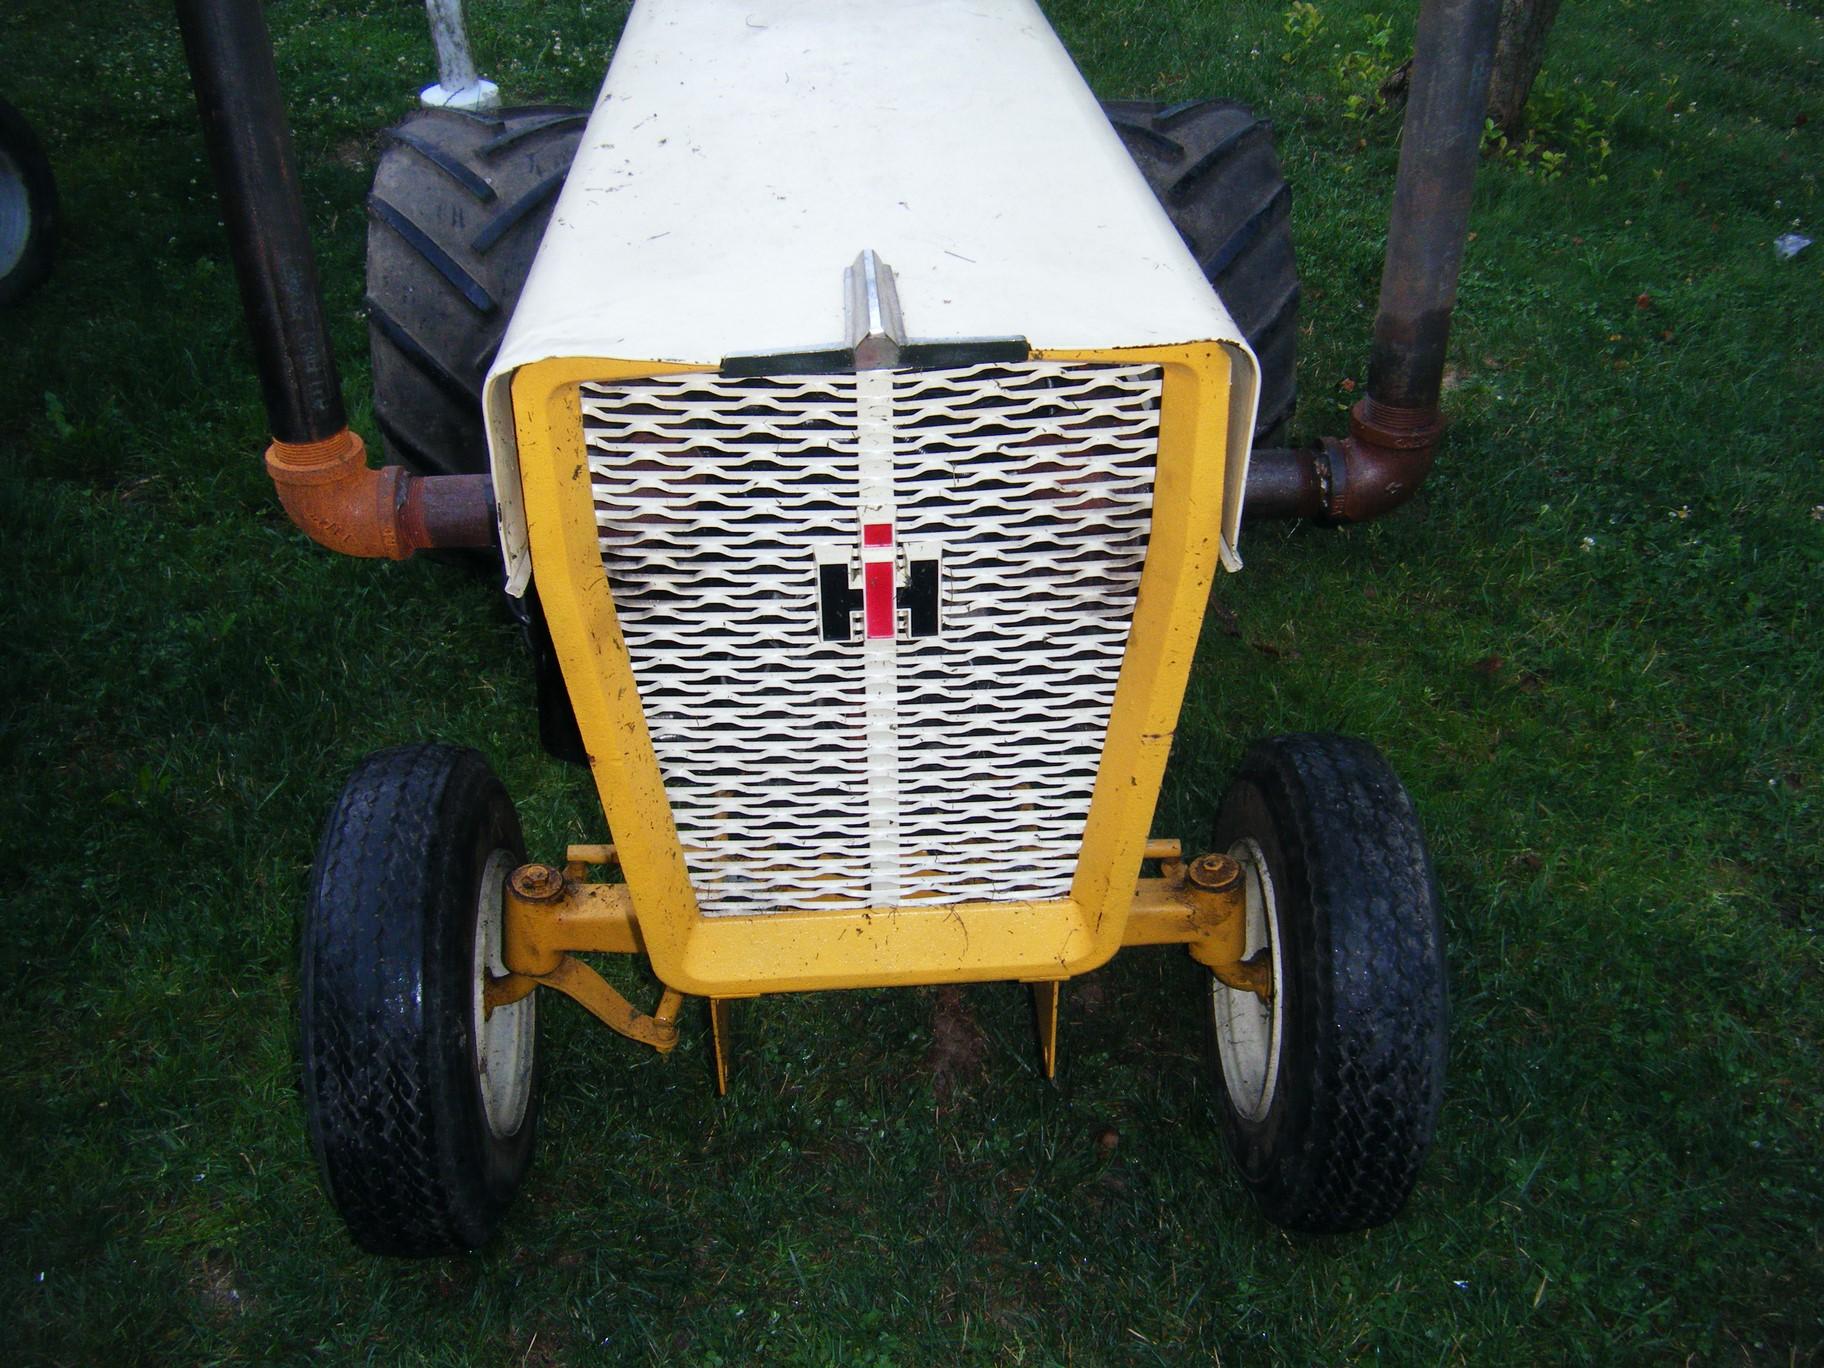 Cub Cadet Tractor Seat : Fiberglassics my cub cadet pulling tractor